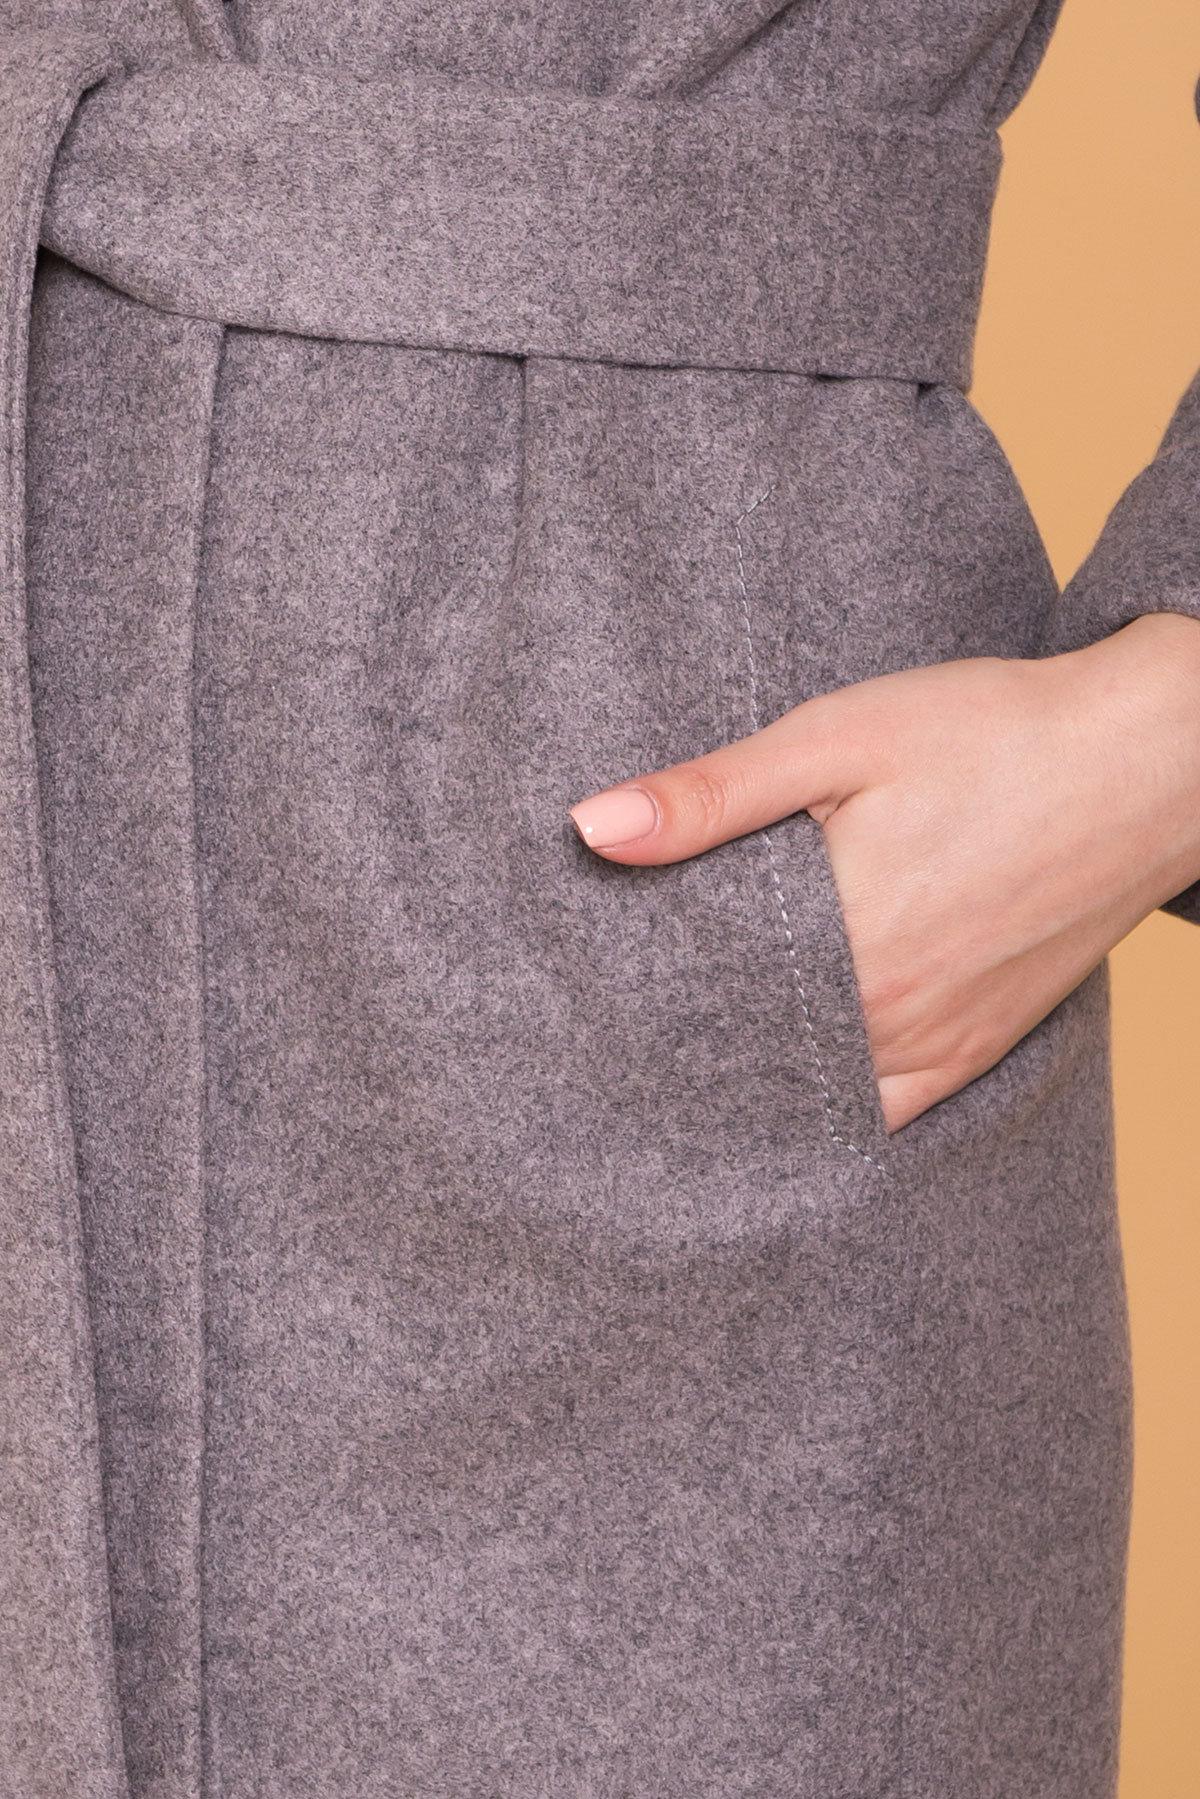 Пальто Верди 6205 АРТ. 41156 Цвет: Карамель 20/1 - фото 6, интернет магазин tm-modus.ru